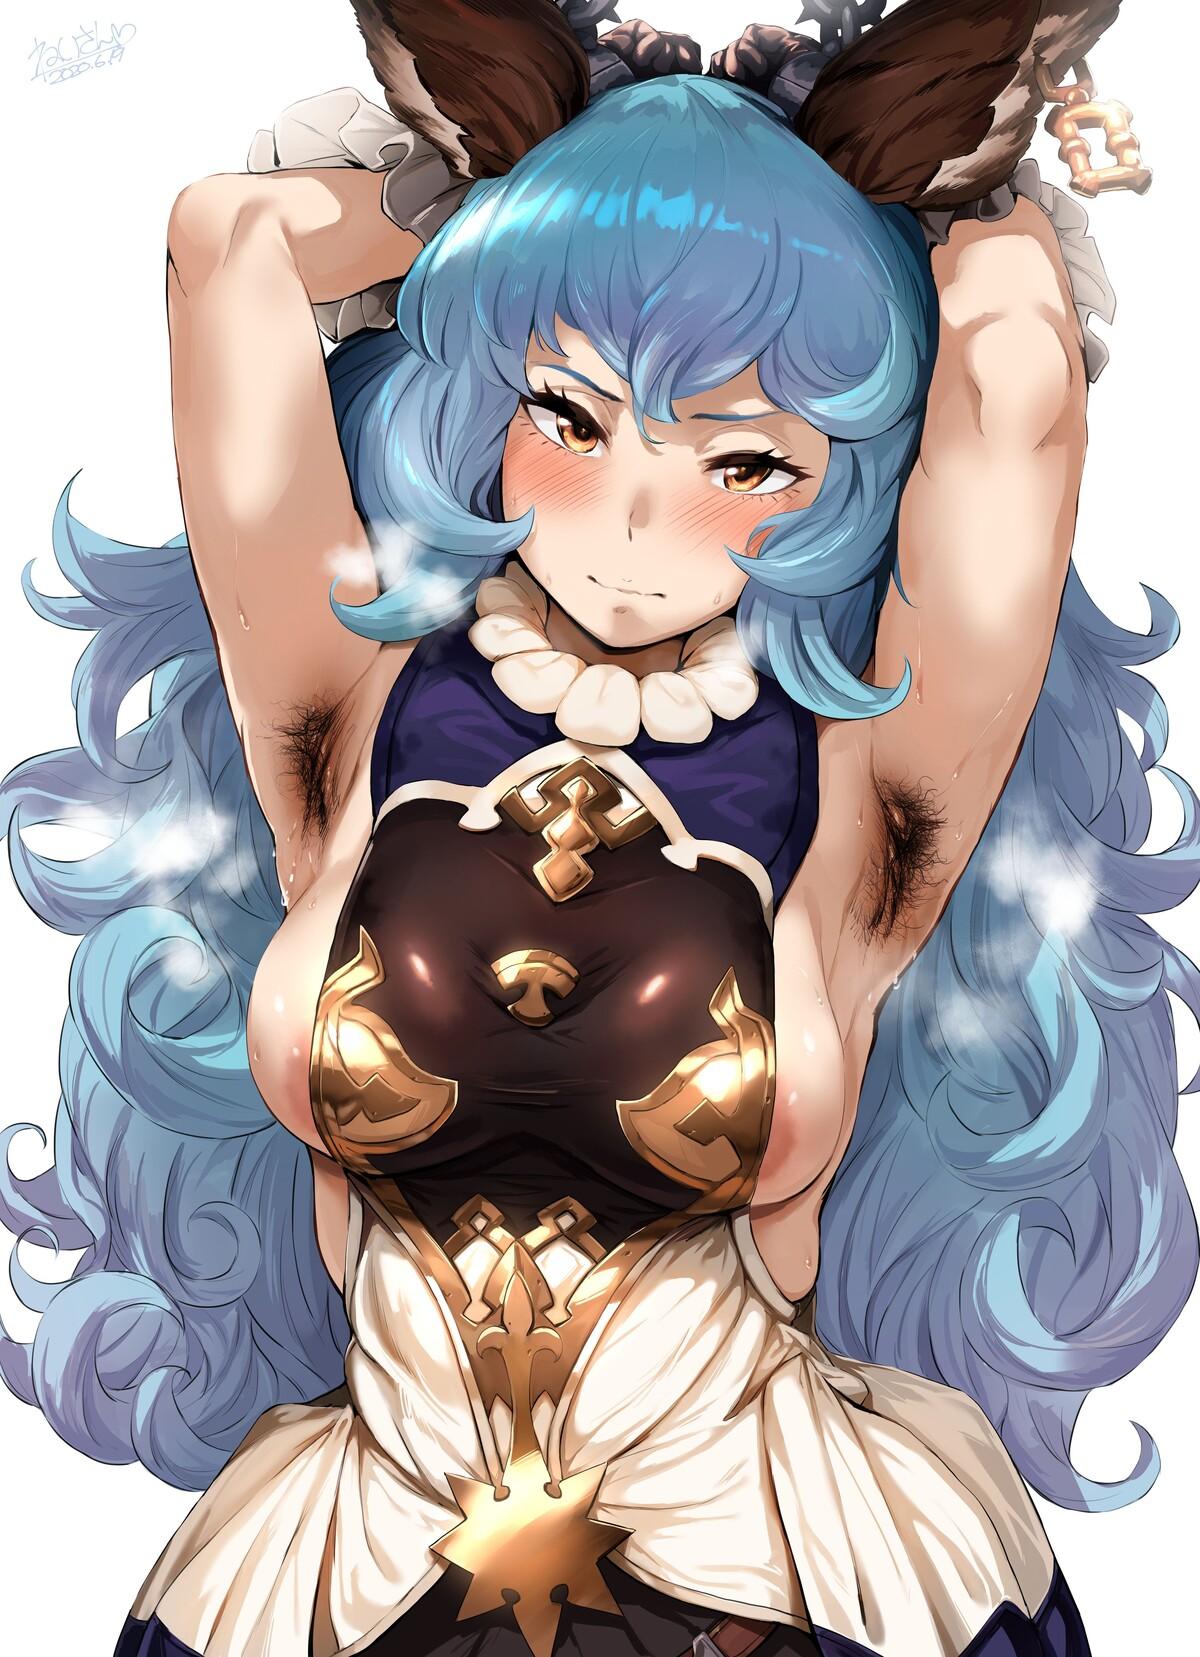 armpits hair steam011